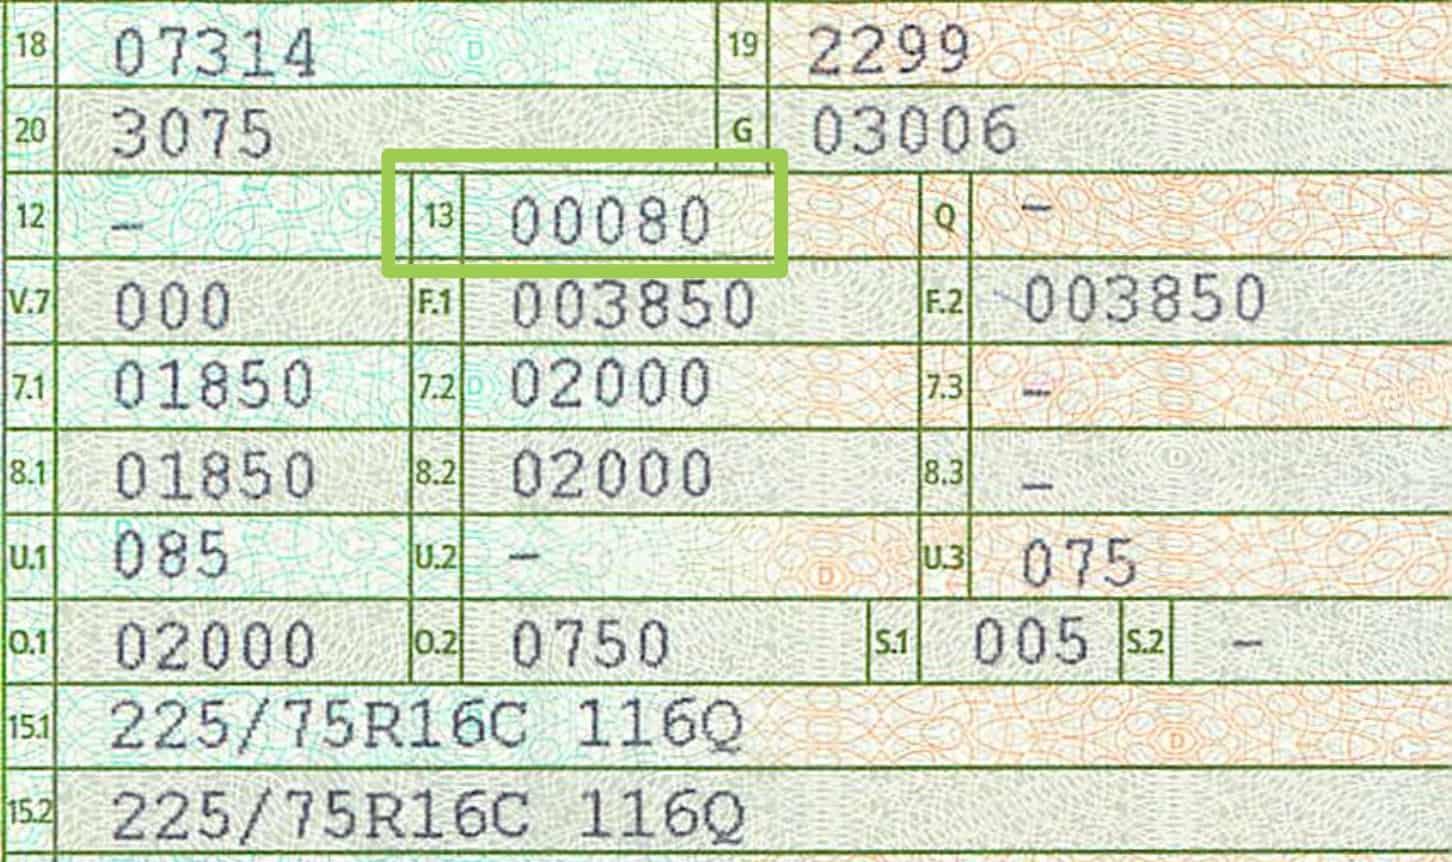 Zulassungsbescheinigung-Teil1-Fahrzeugschein-Stützlast-in-kg